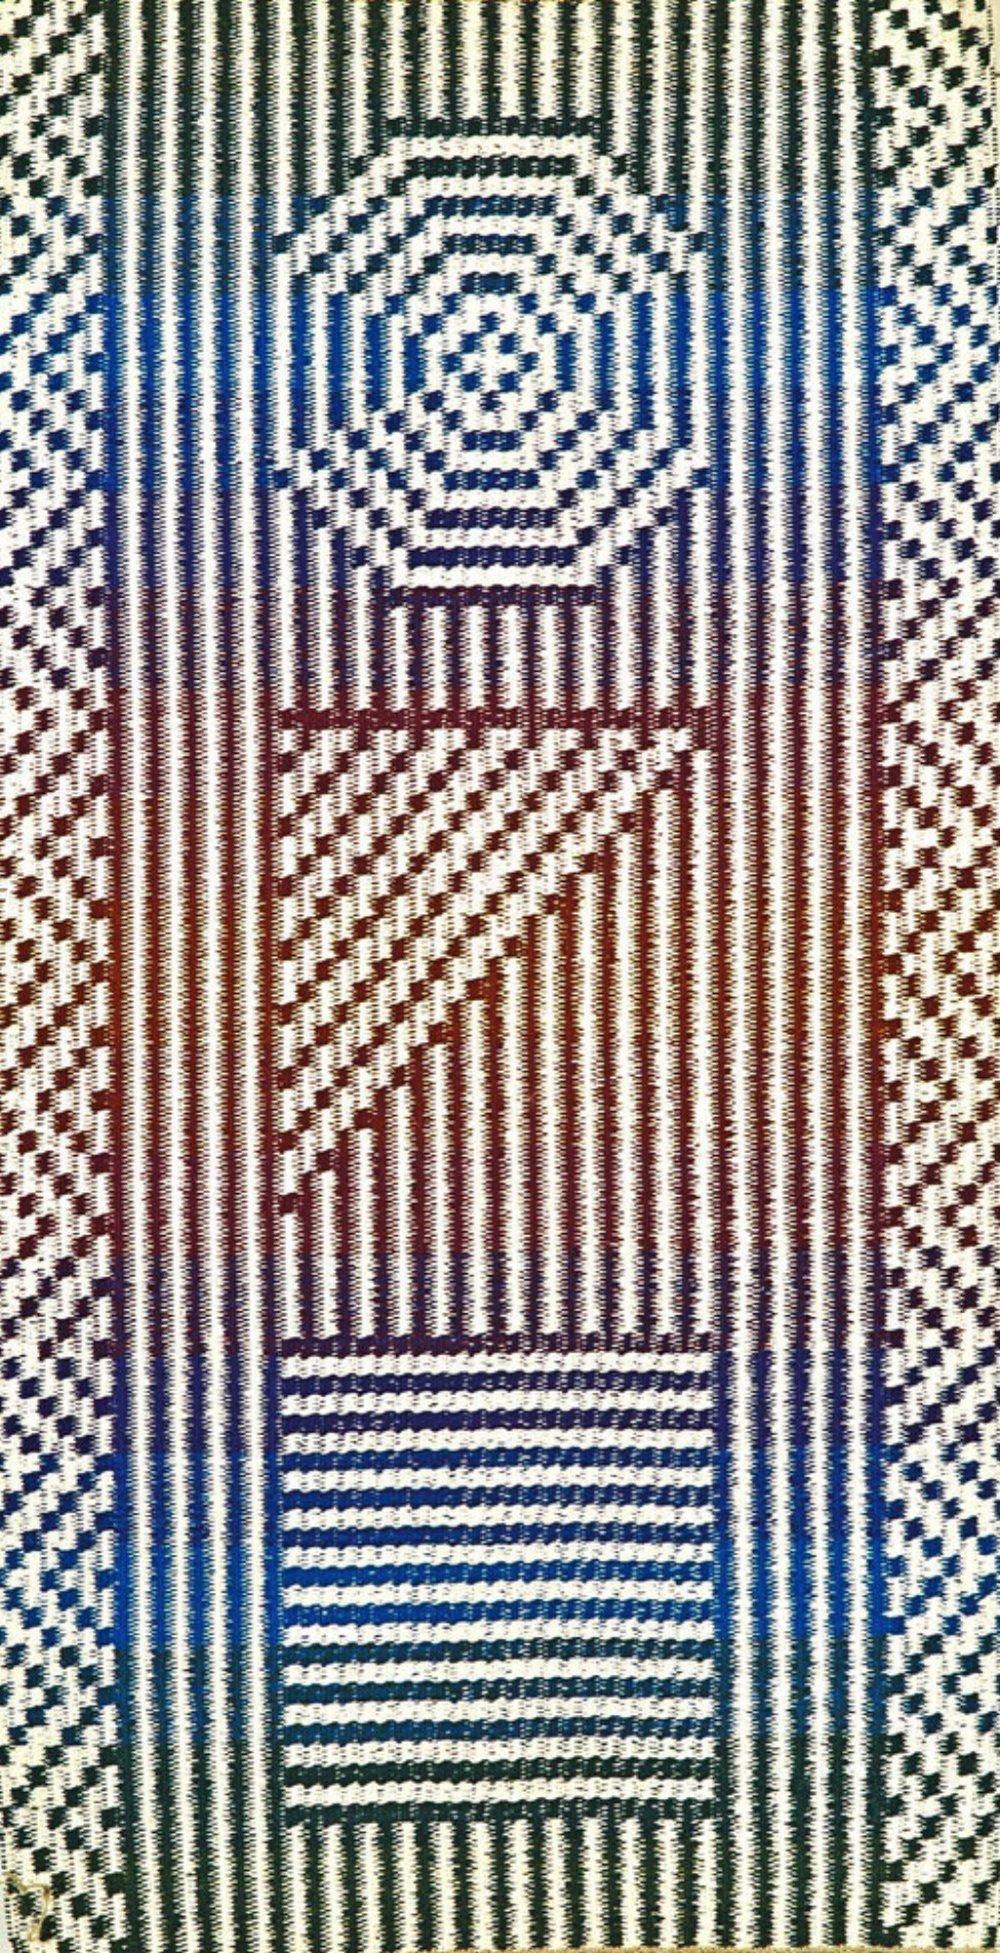 JJ0091. Cotton & linen. 94 x 178 cm.